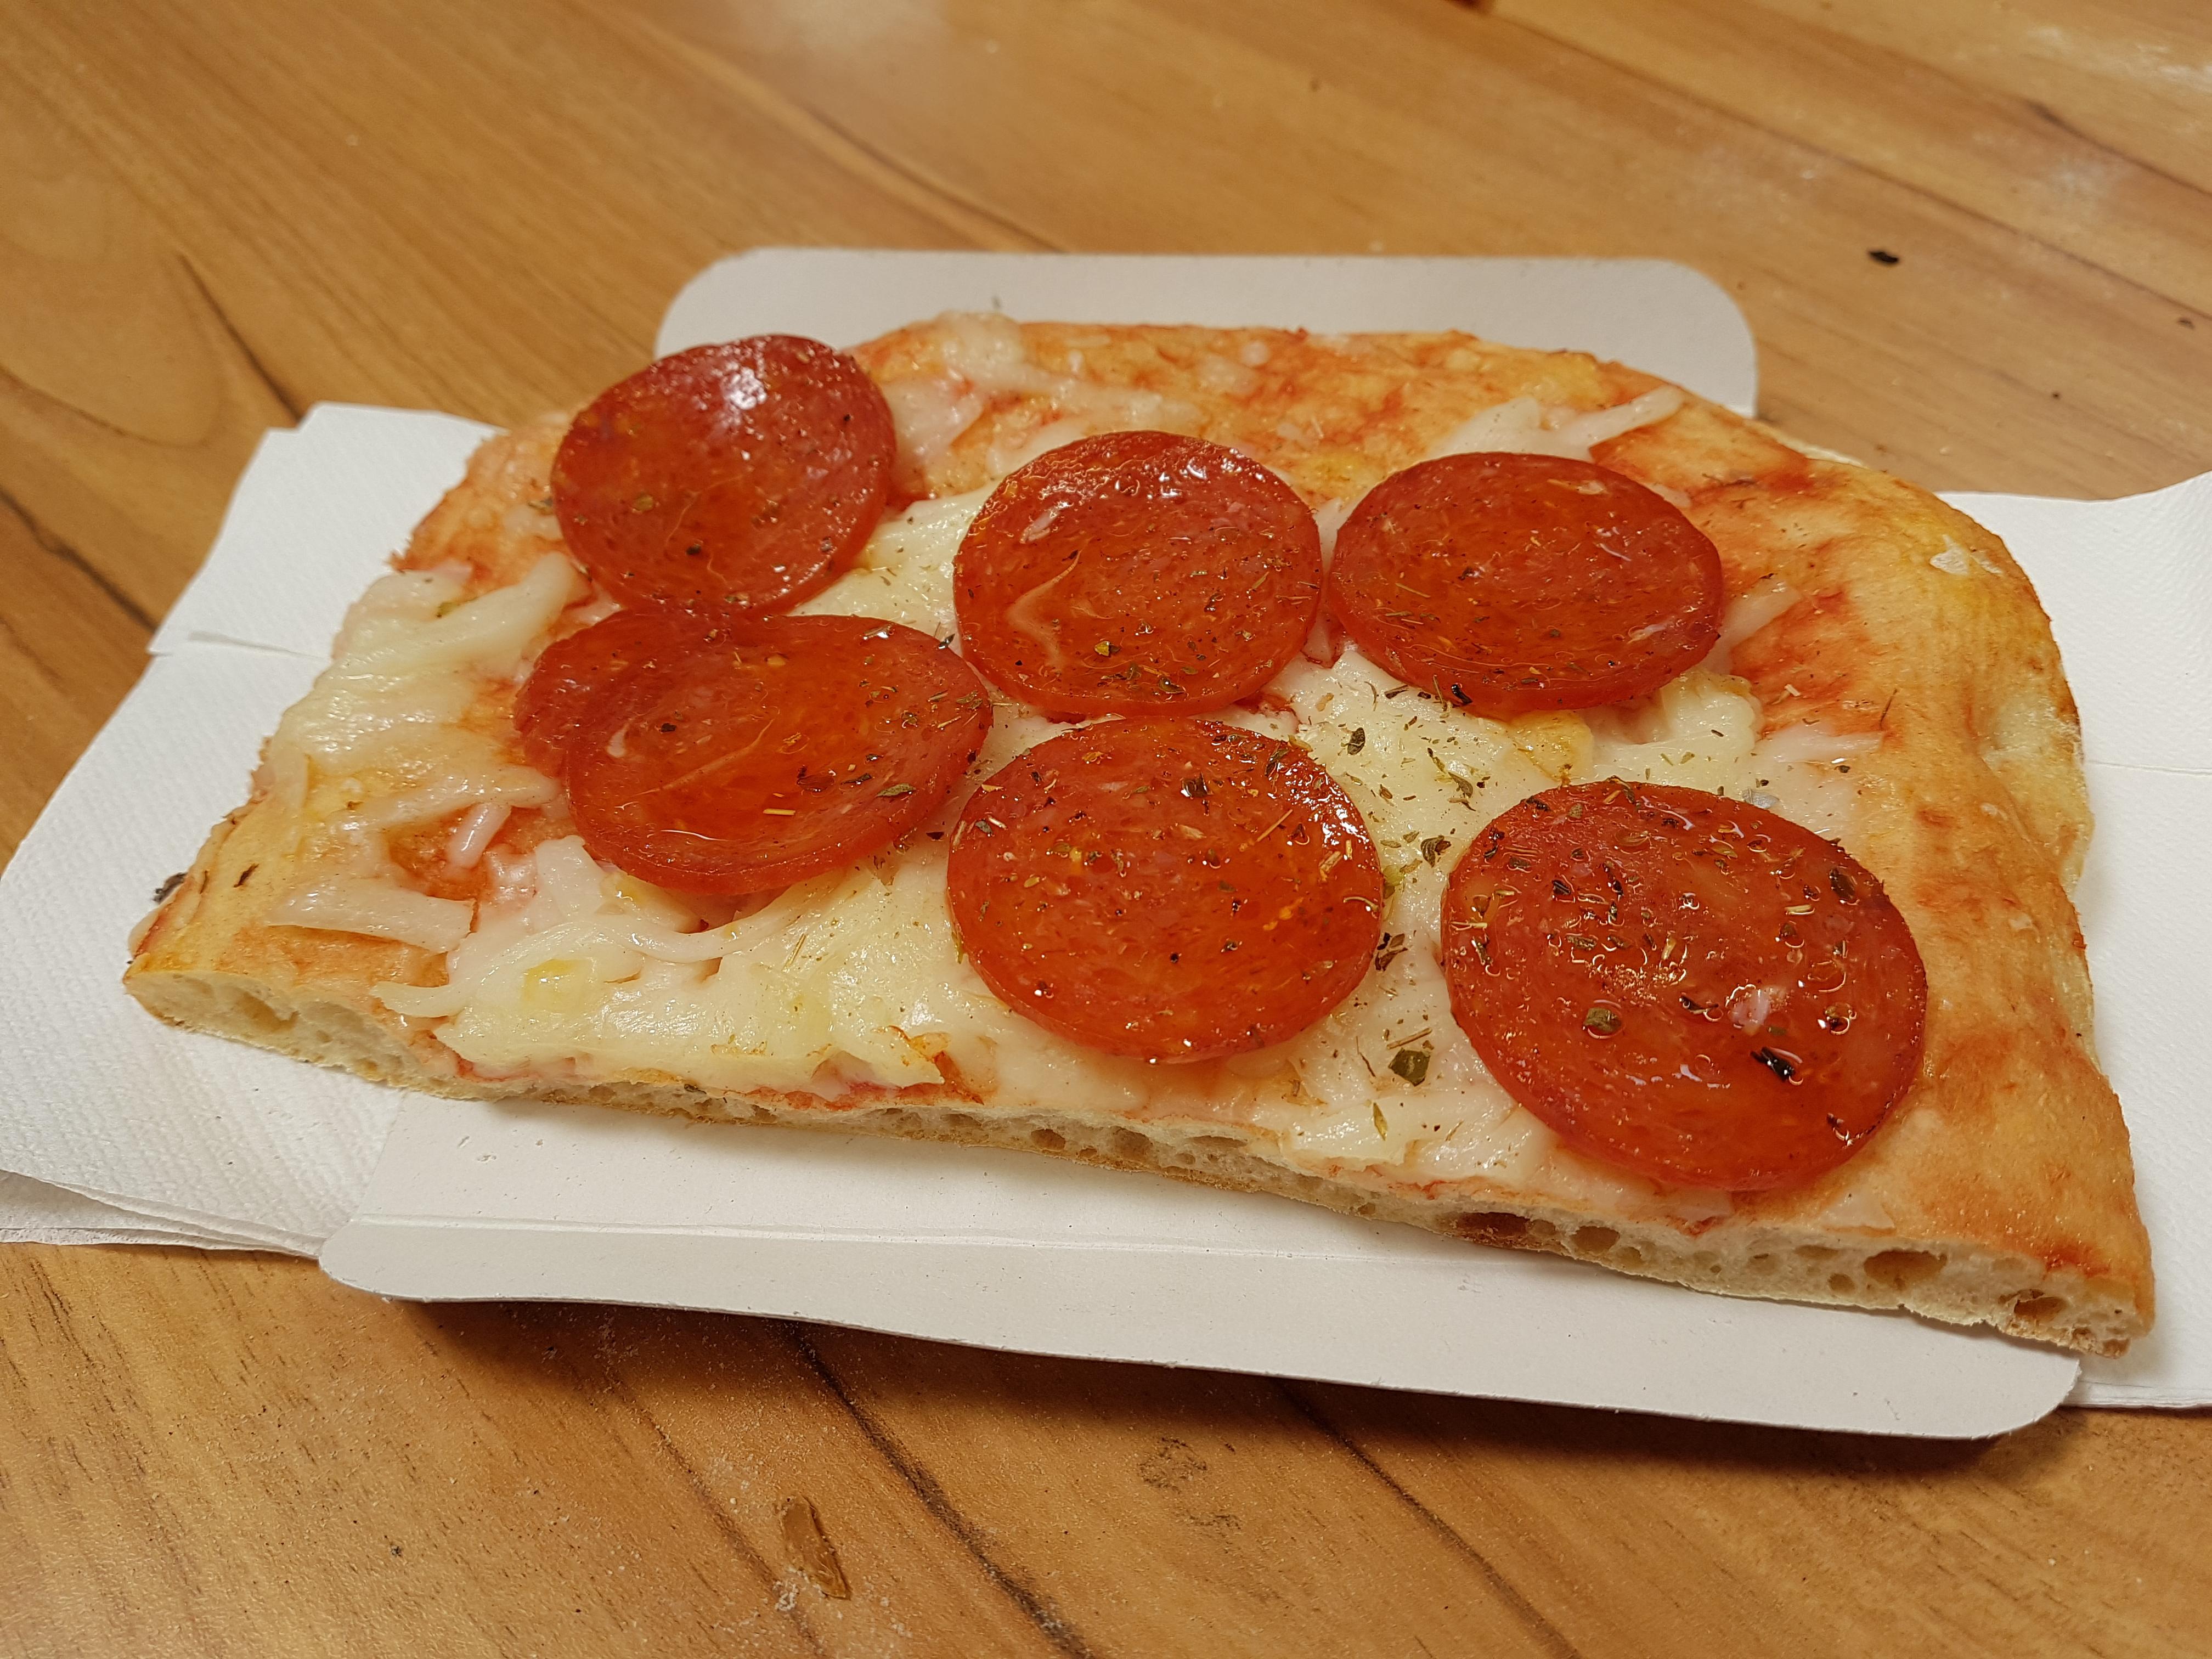 http://foodloader.net/Holz_2017-07-13_Pizzastueck.jpg